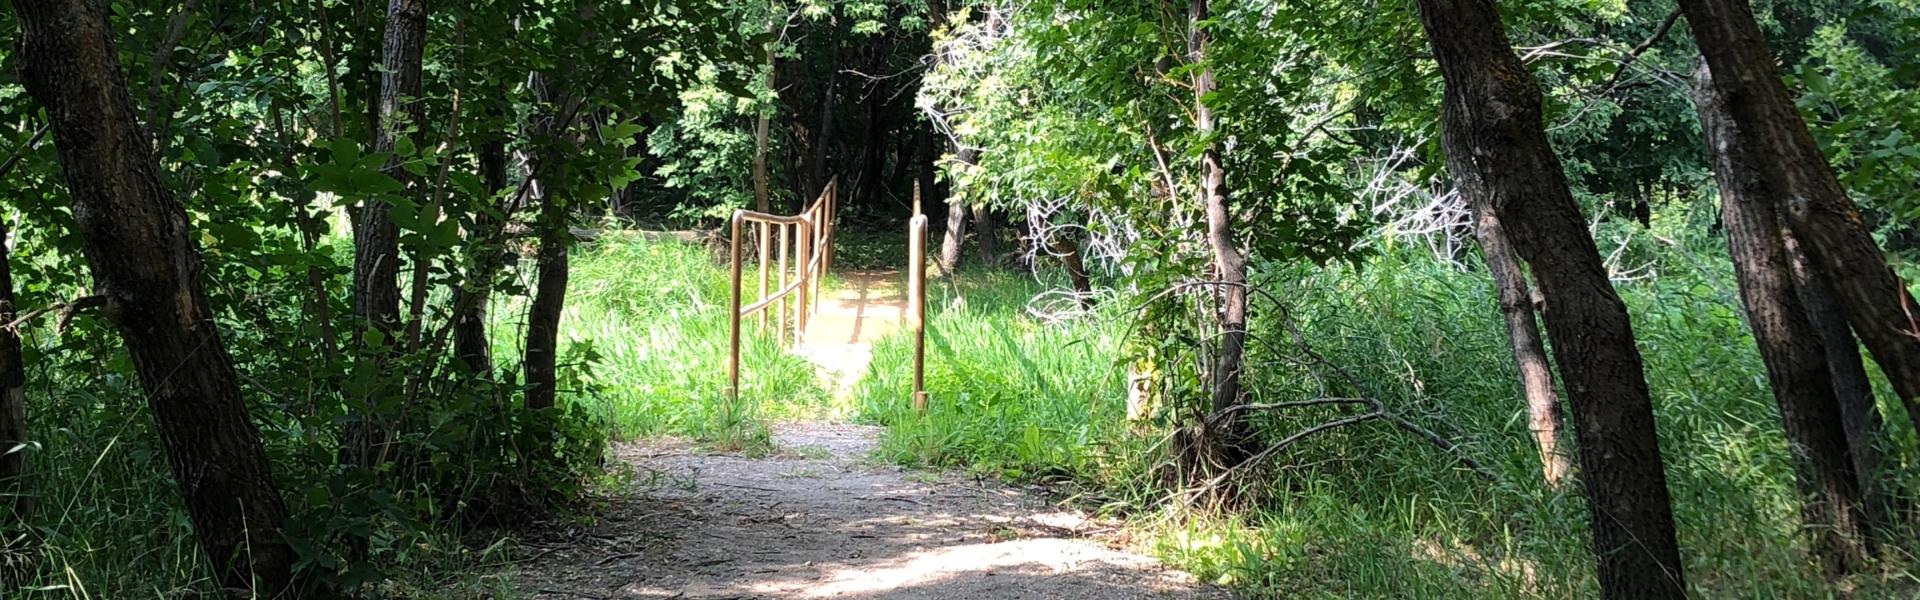 Milligan-Creek-Trail-Bridge